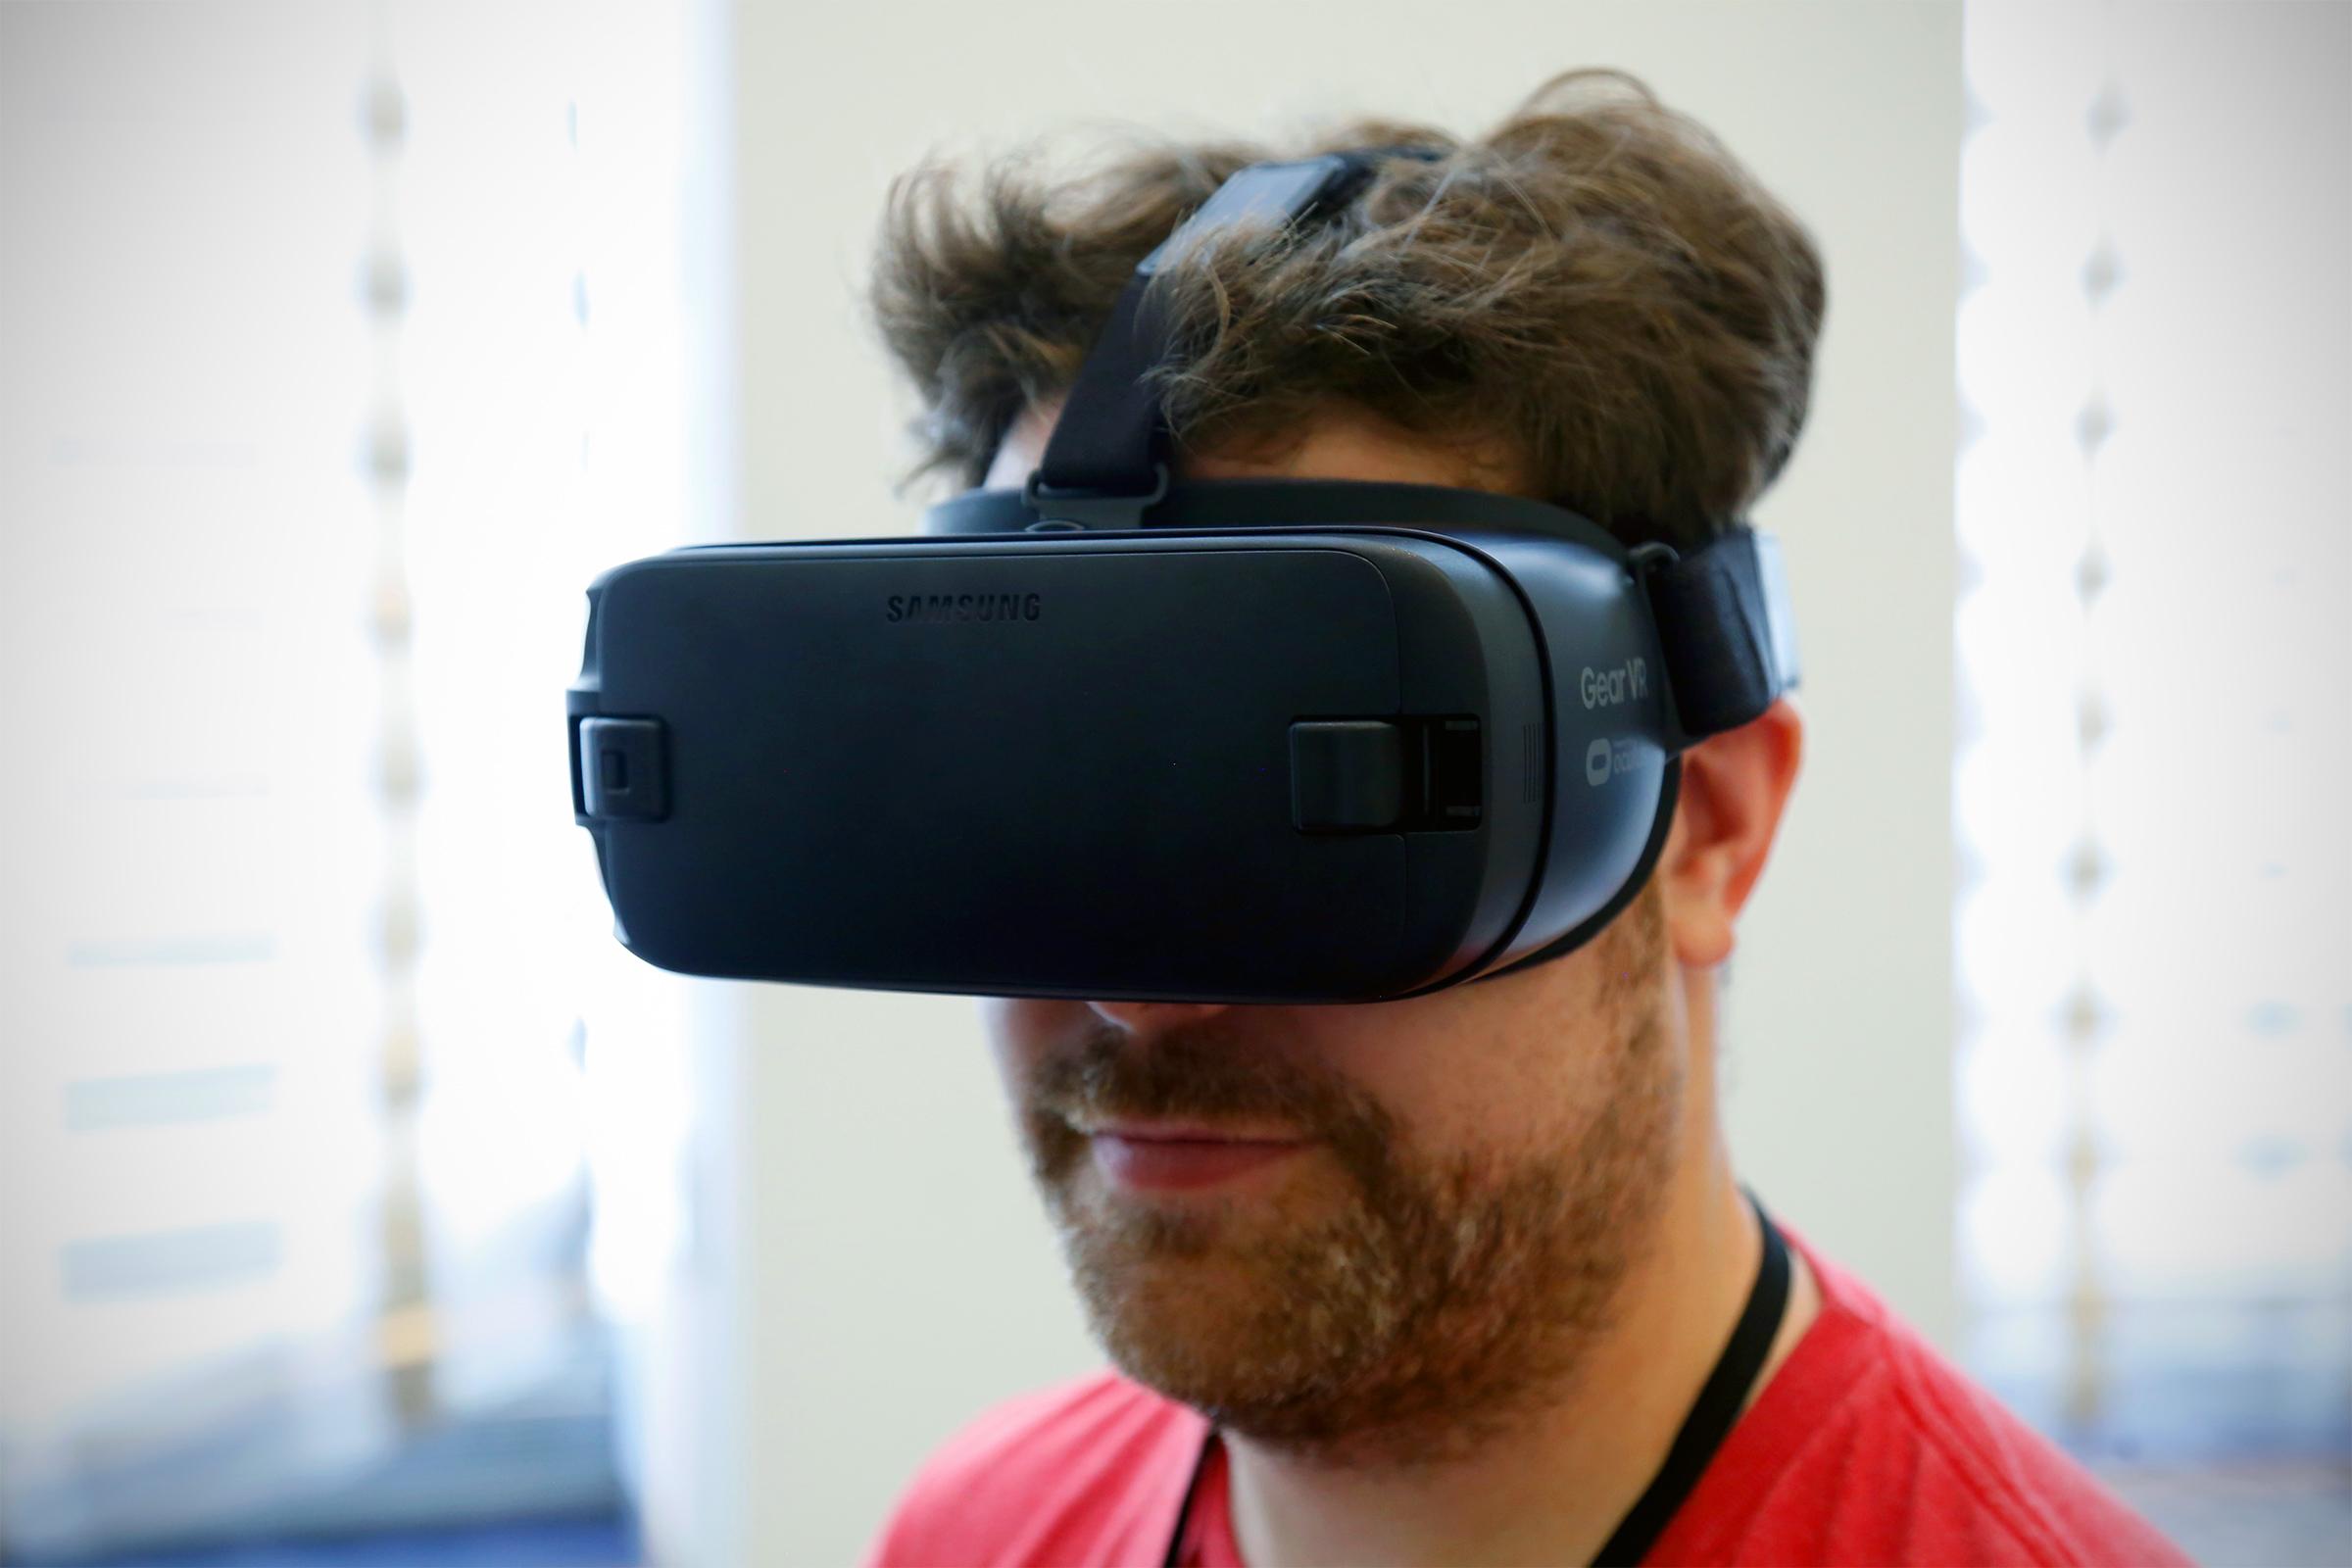 سامسونج تكشف الإصدار الجديد Gear new-Gear-VR.jpg?w=24